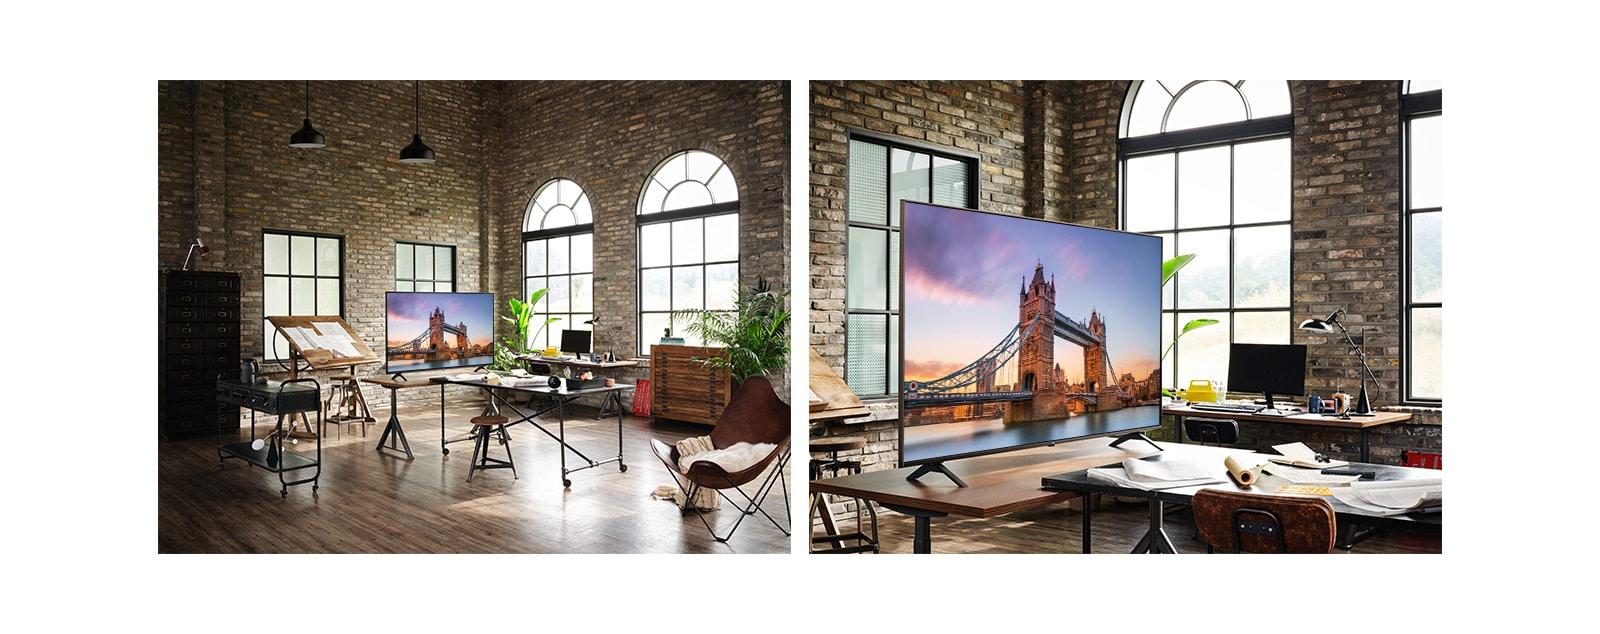 Sebuah TV menampilkan gambar London Bridge dalam sebuah ruang berisi barang antik. Sebuah TV menampilkan gambar London Bridge pada sebuah meja di dalam sebuah ruang berisi barang antik